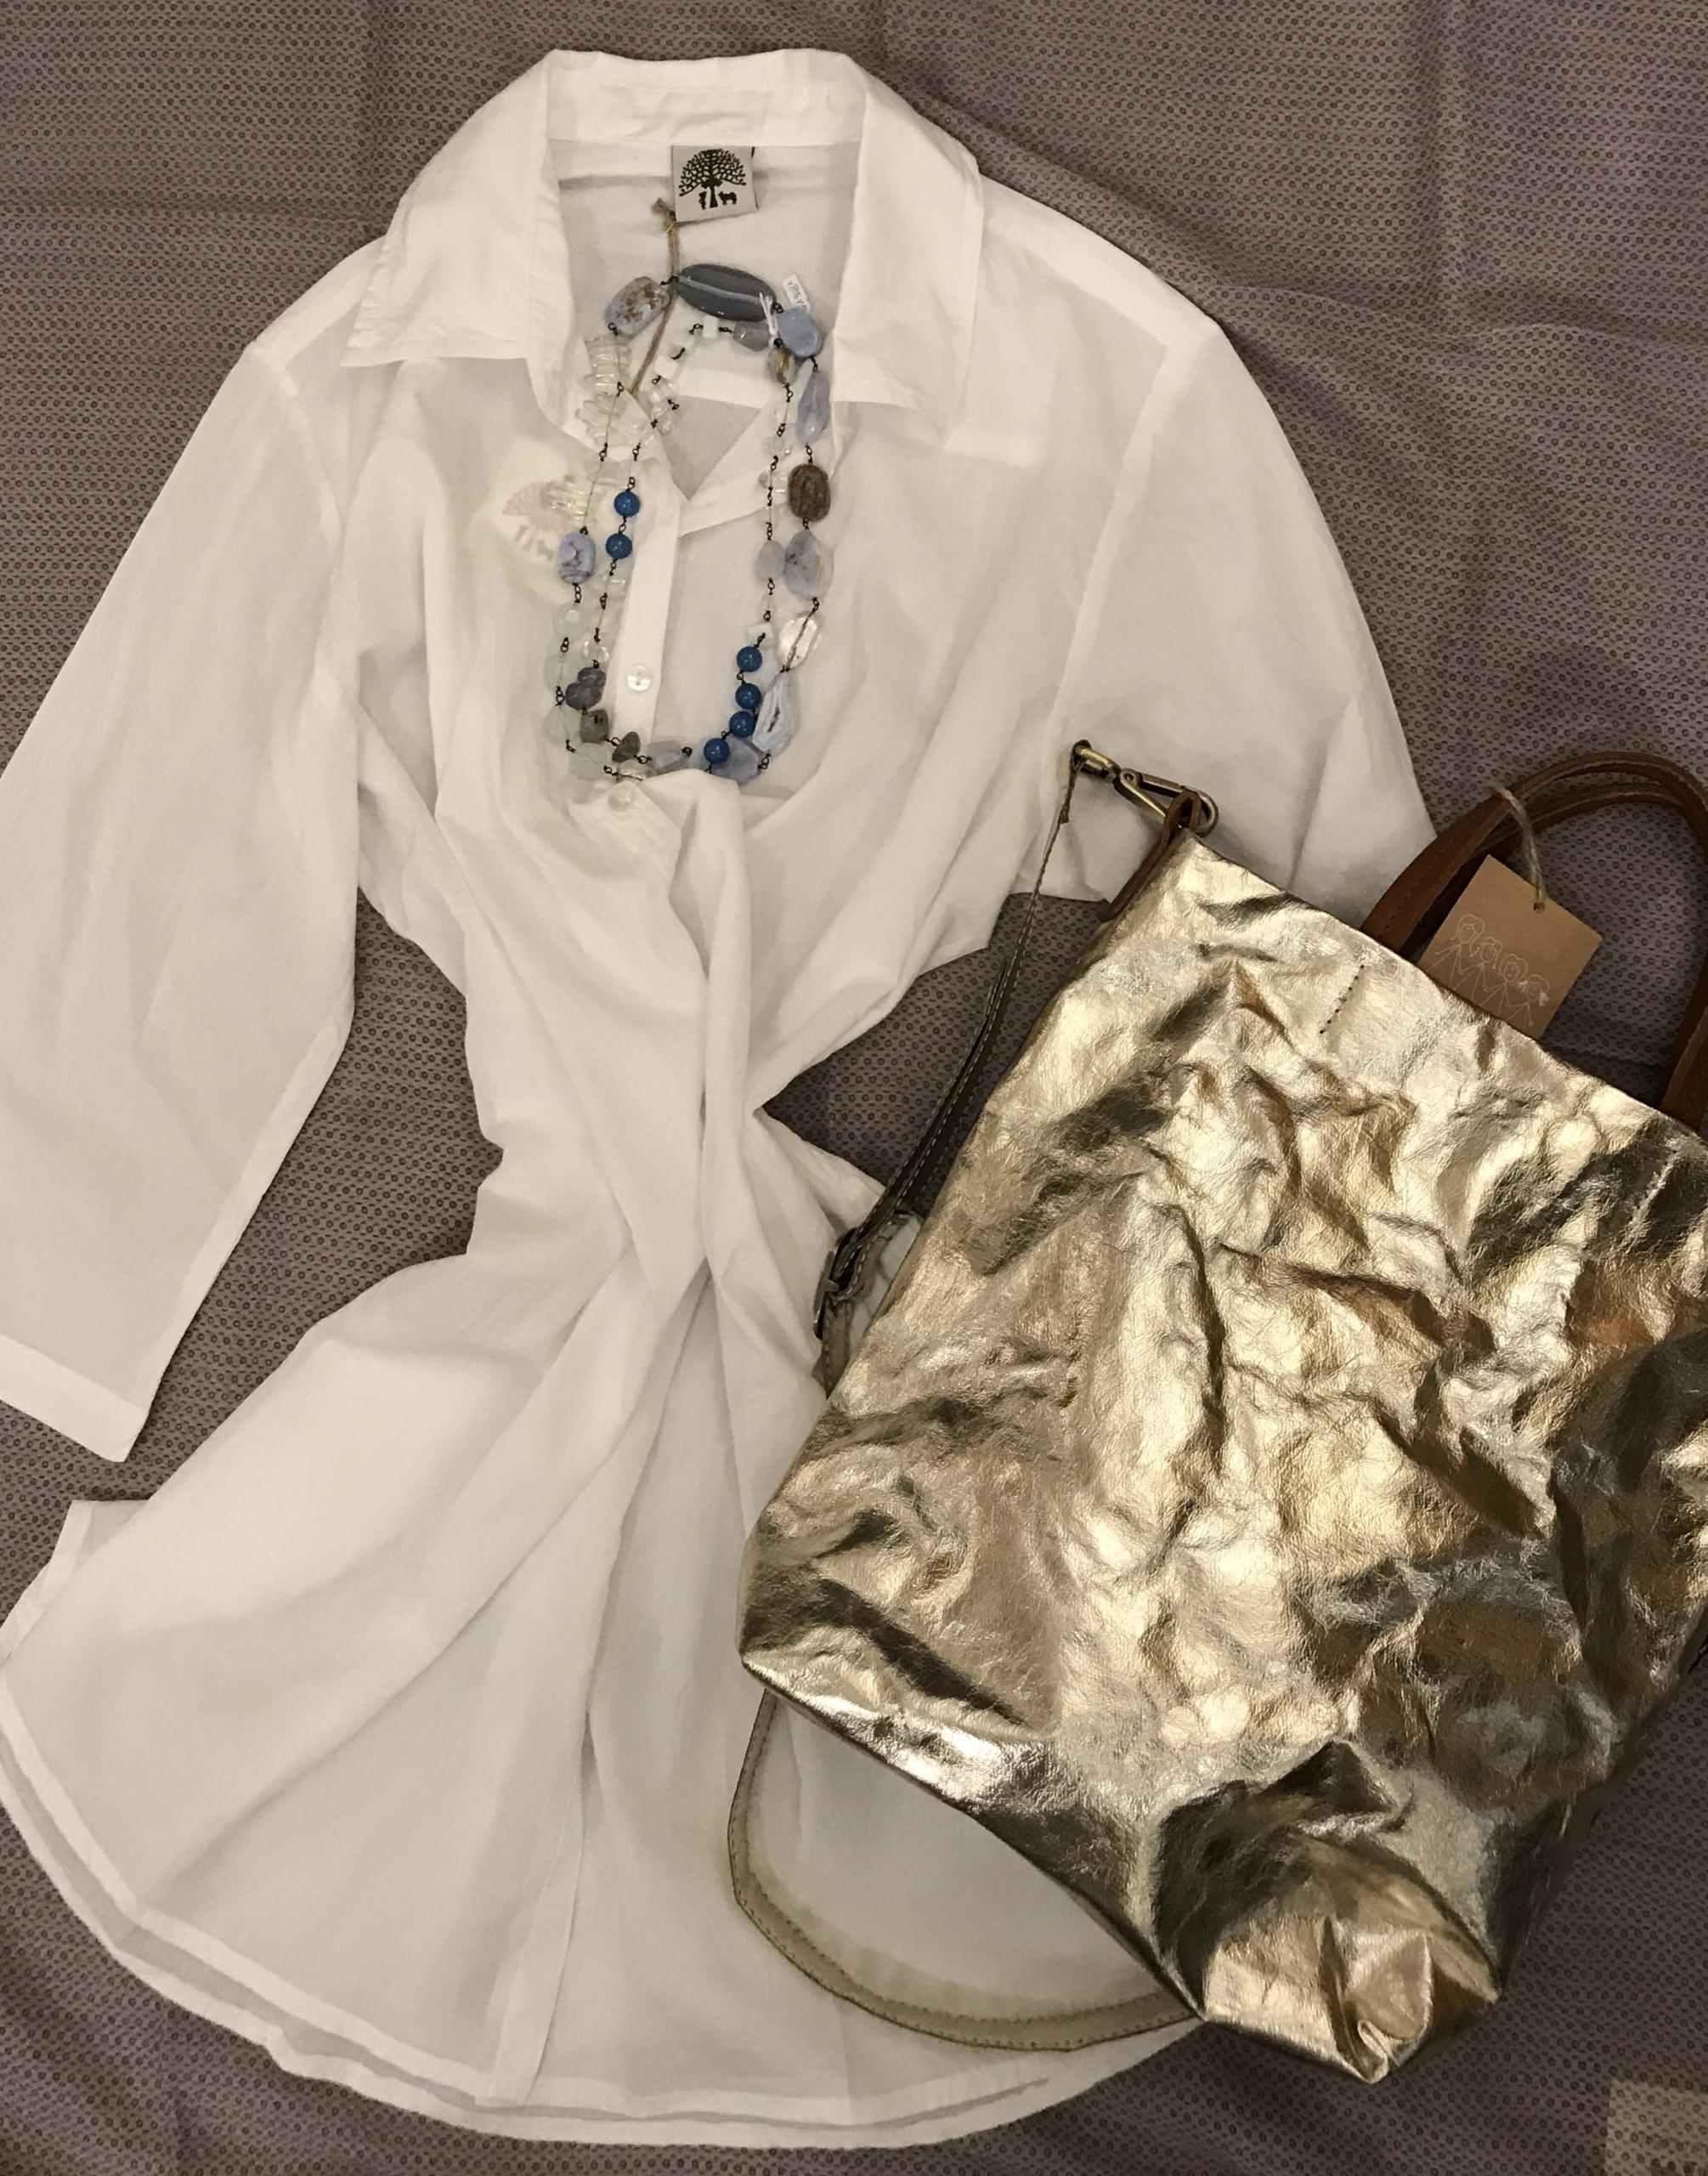 camicia - copricostume 100% cotone, borsa in carta lavabile, collana concatenata con pietre semipreziose.